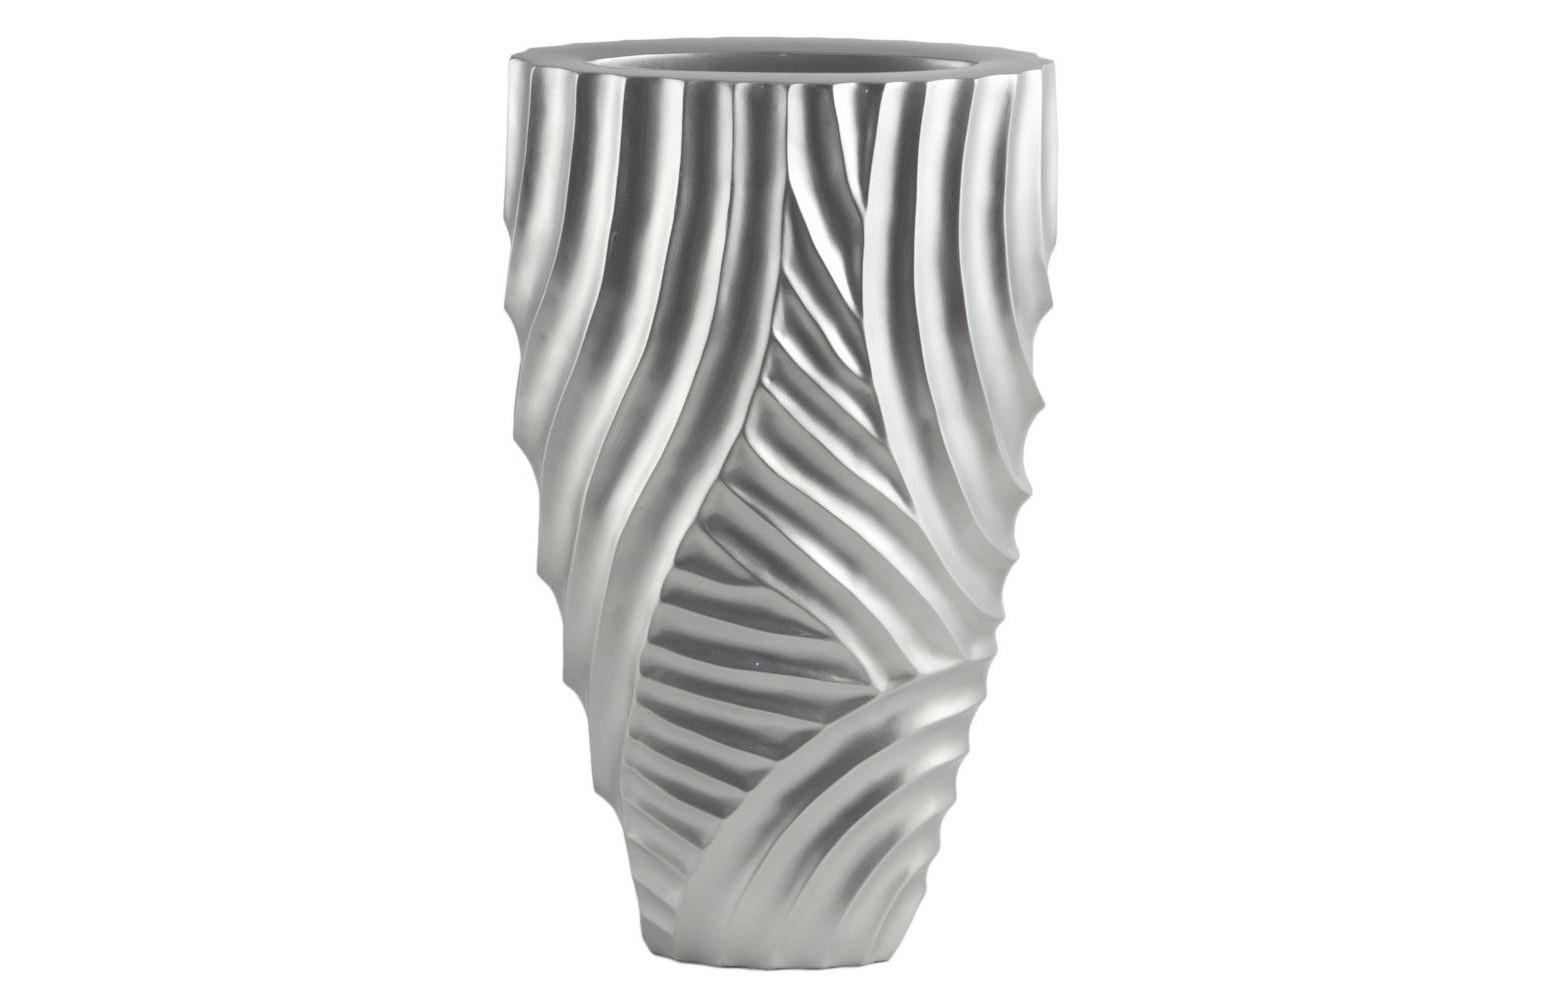 Ваза настольная Frost PatternВазы<br>Выполненная в холодных тонах, сияющая как узор на зимних окнах, эта ваза станет изысканным украшением строгой функциональной гостиной или светлой нео-классической спальни. Простой, но искусно проработанный, рельеф этой лаконичной вазы не оставляет сомнений: перед вами оригинальная дизайнерская вещь.&amp;lt;div&amp;gt;&amp;lt;br&amp;gt;&amp;lt;/div&amp;gt;&amp;lt;div&amp;gt;Материал: смола.&amp;lt;br&amp;gt;&amp;lt;/div&amp;gt;<br><br>Material: Пластик<br>Ширина см: 36.0<br>Высота см: 61.0<br>Глубина см: 20.0